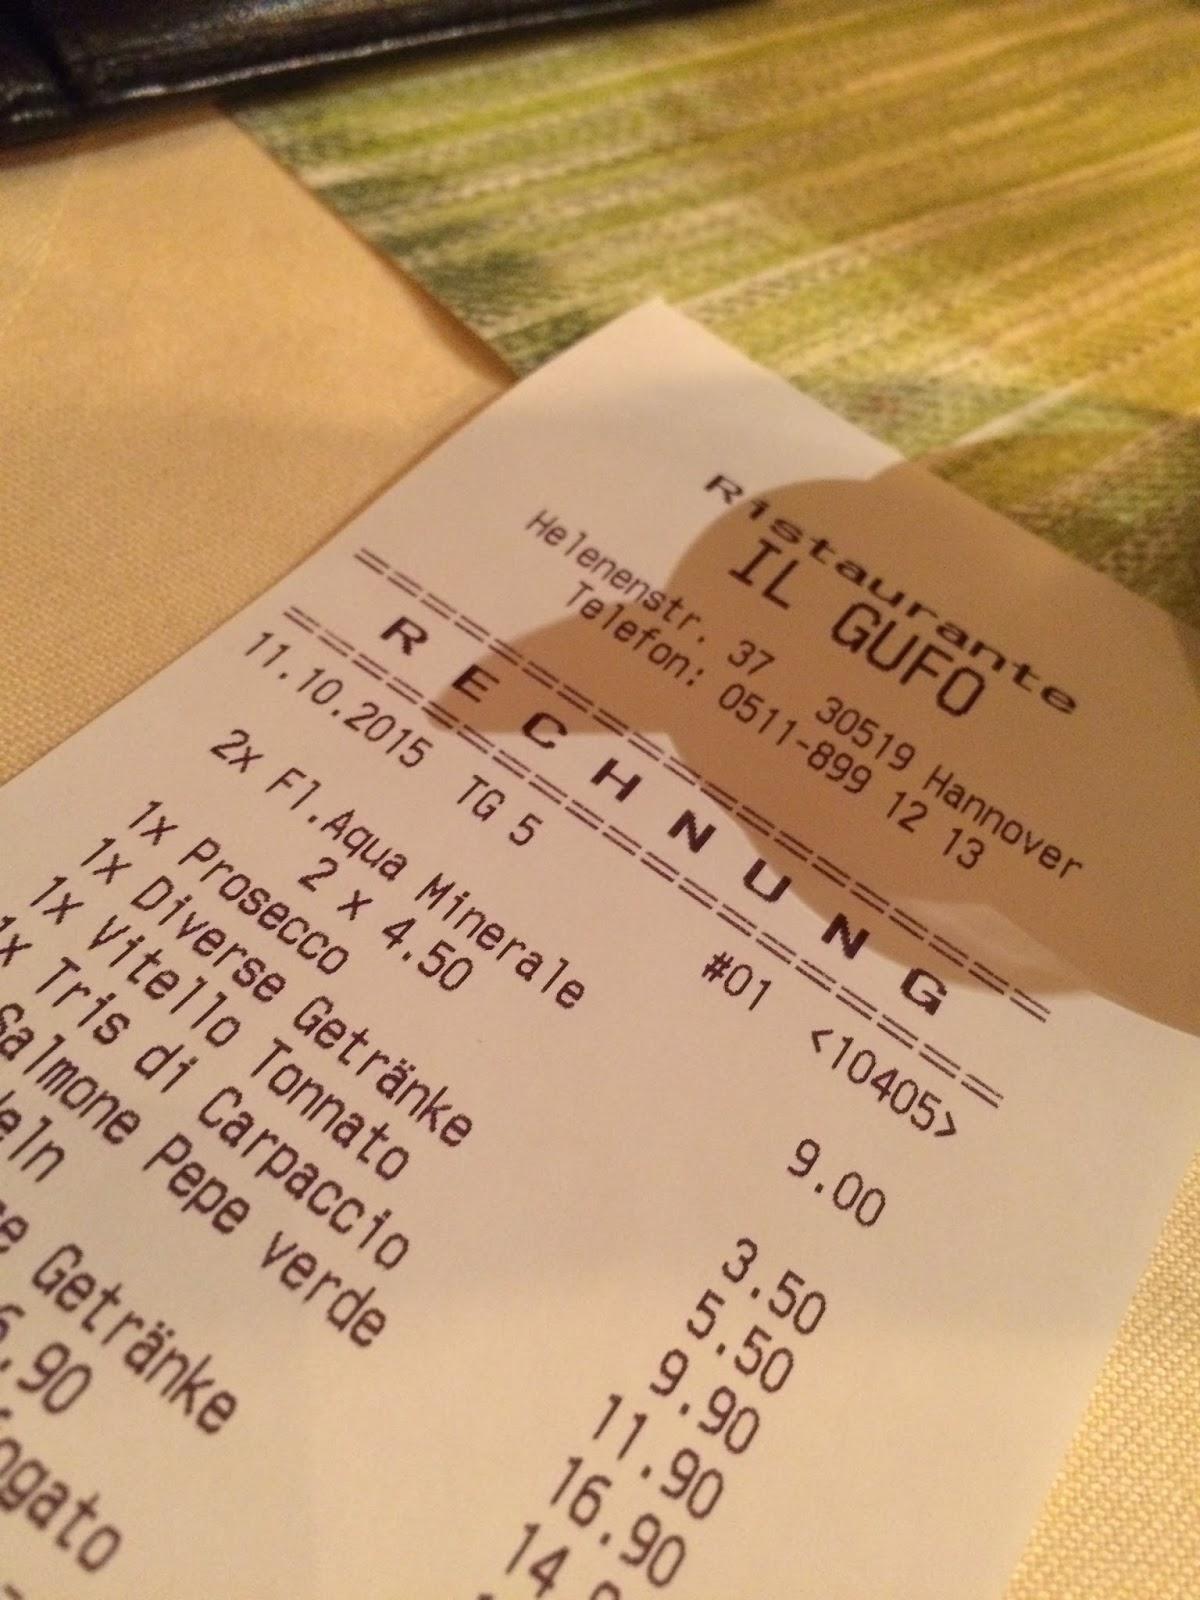 Angemessene Preise Und Ein Ausnehmend Freundlicher Service Treffen Im Il  Gufo Auf Kleine  Handwerkliche  Unzulänglichkeiten Der Küche.